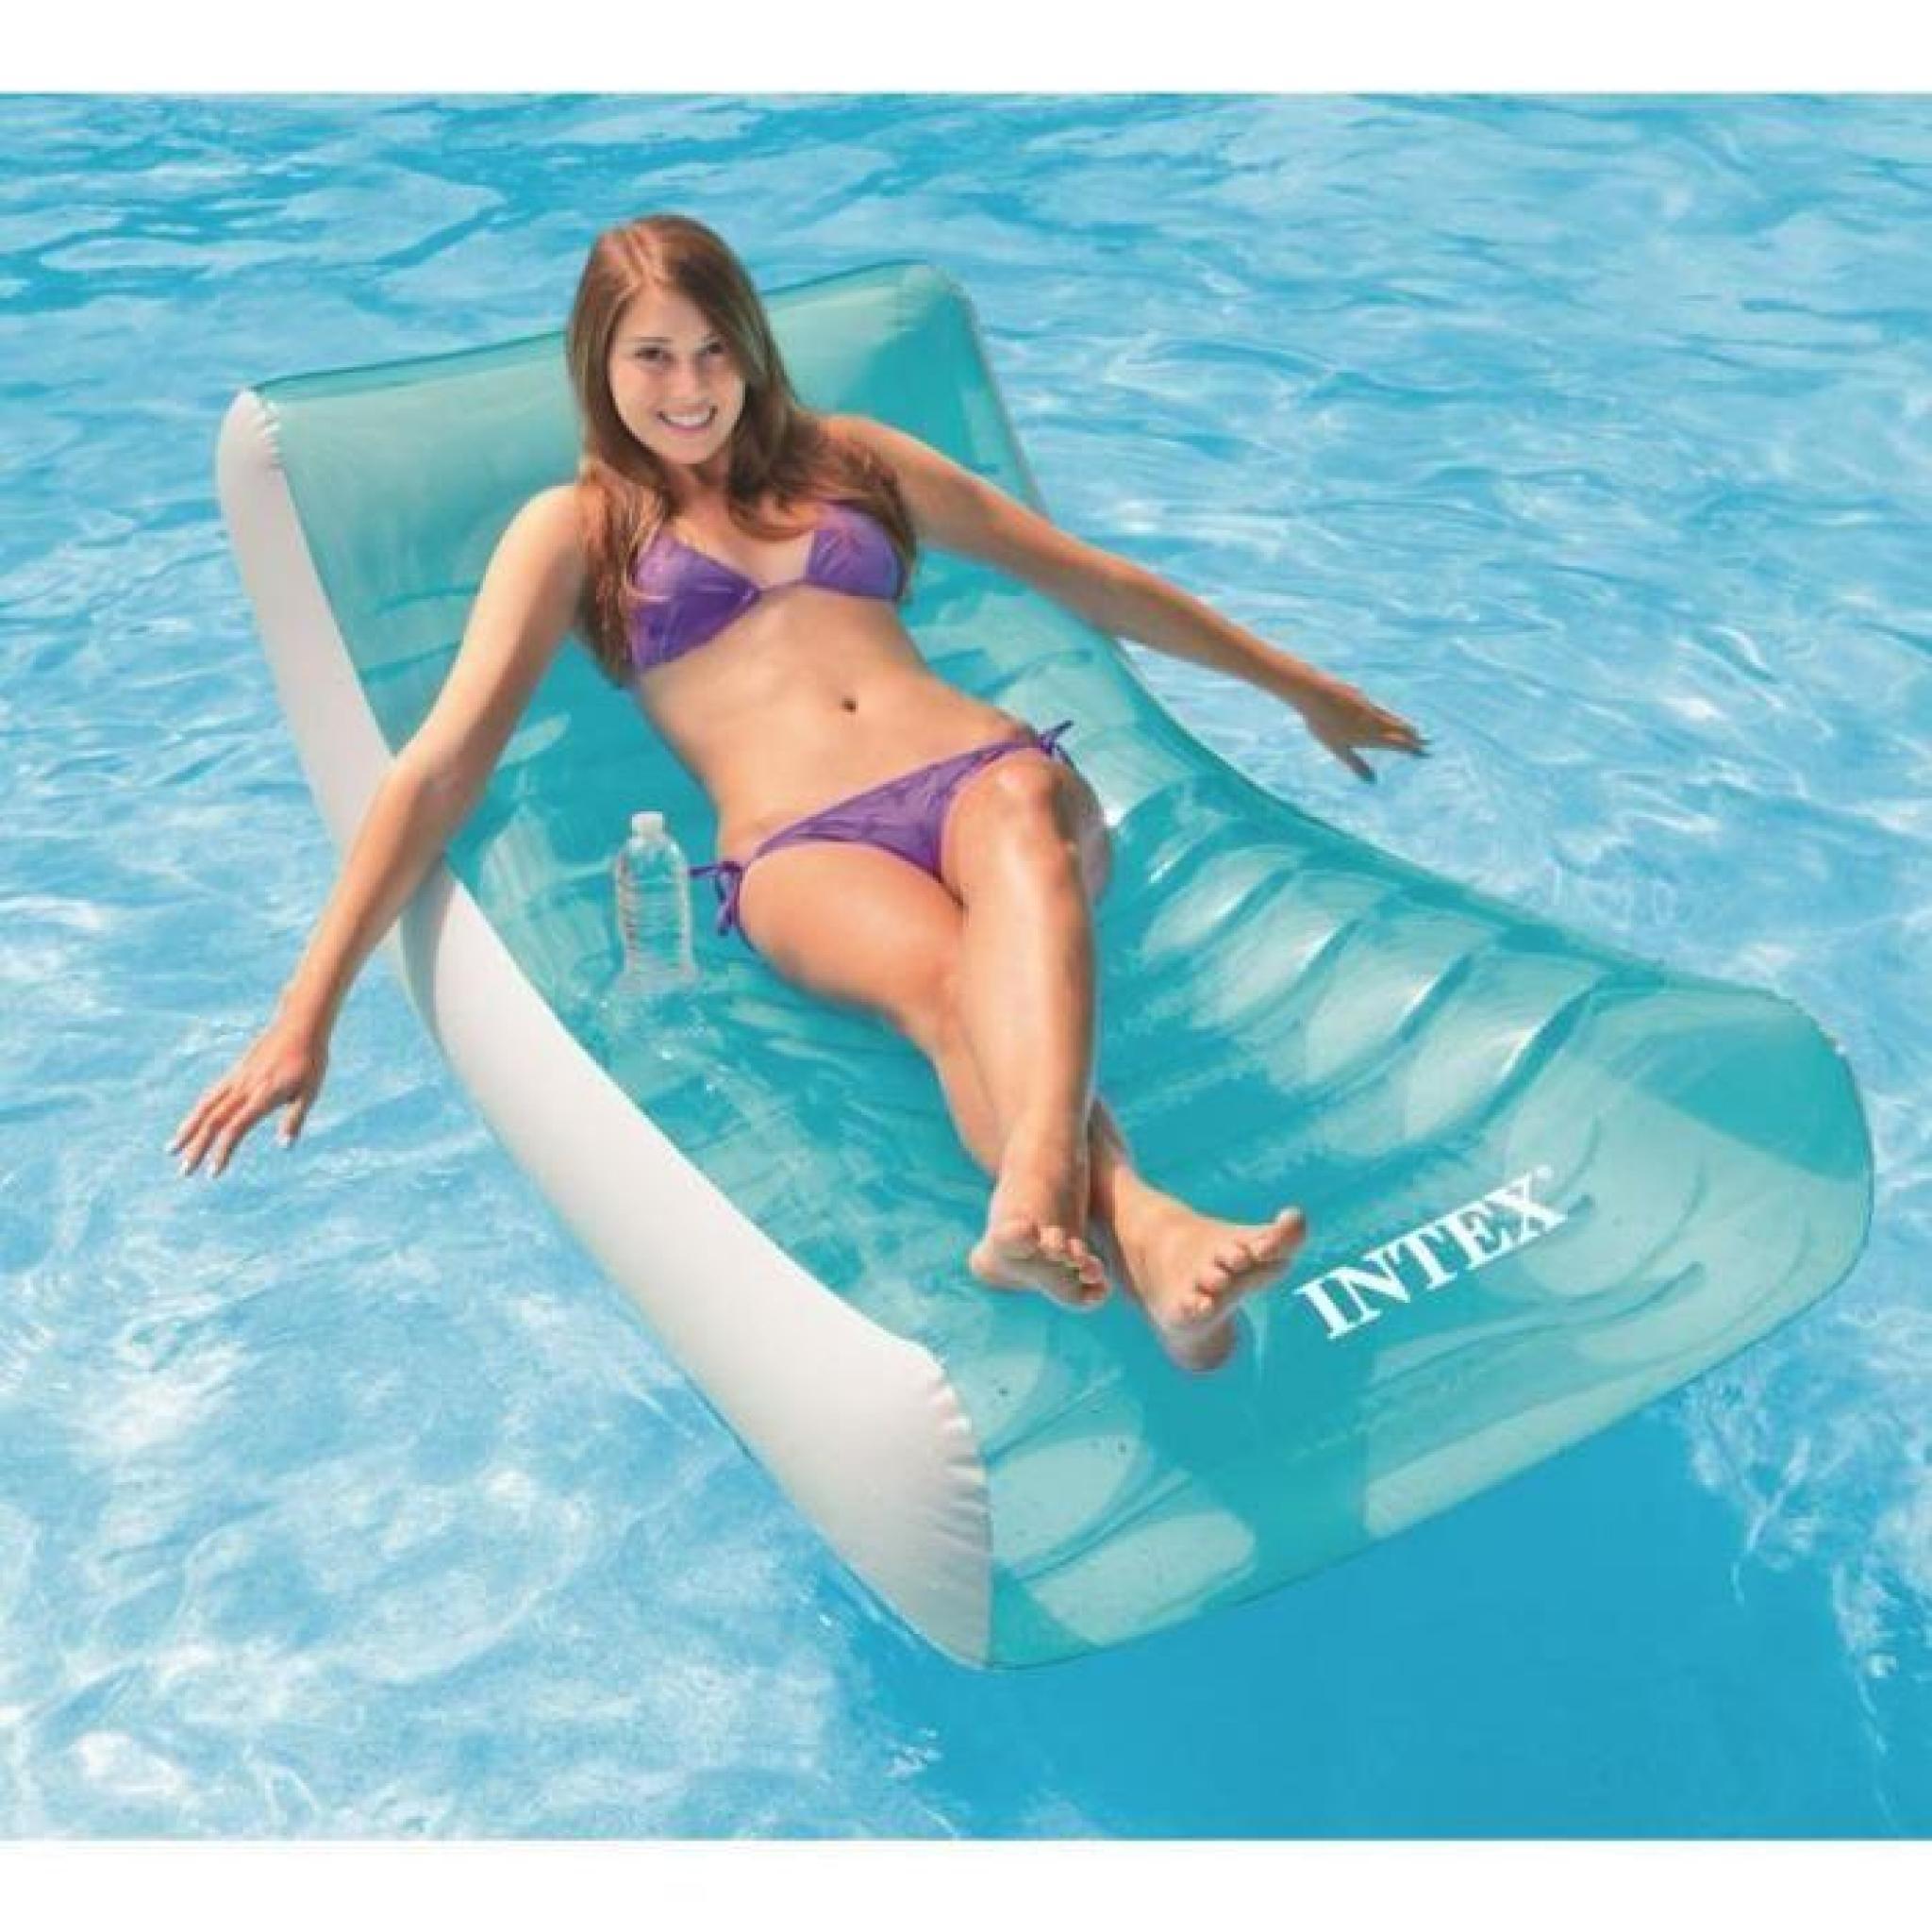 Intex matelas gonflable adulte pour piscine lounge 188 x 99 cm achat vente chaise longue - Matelas gonflable piscine pas cher ...